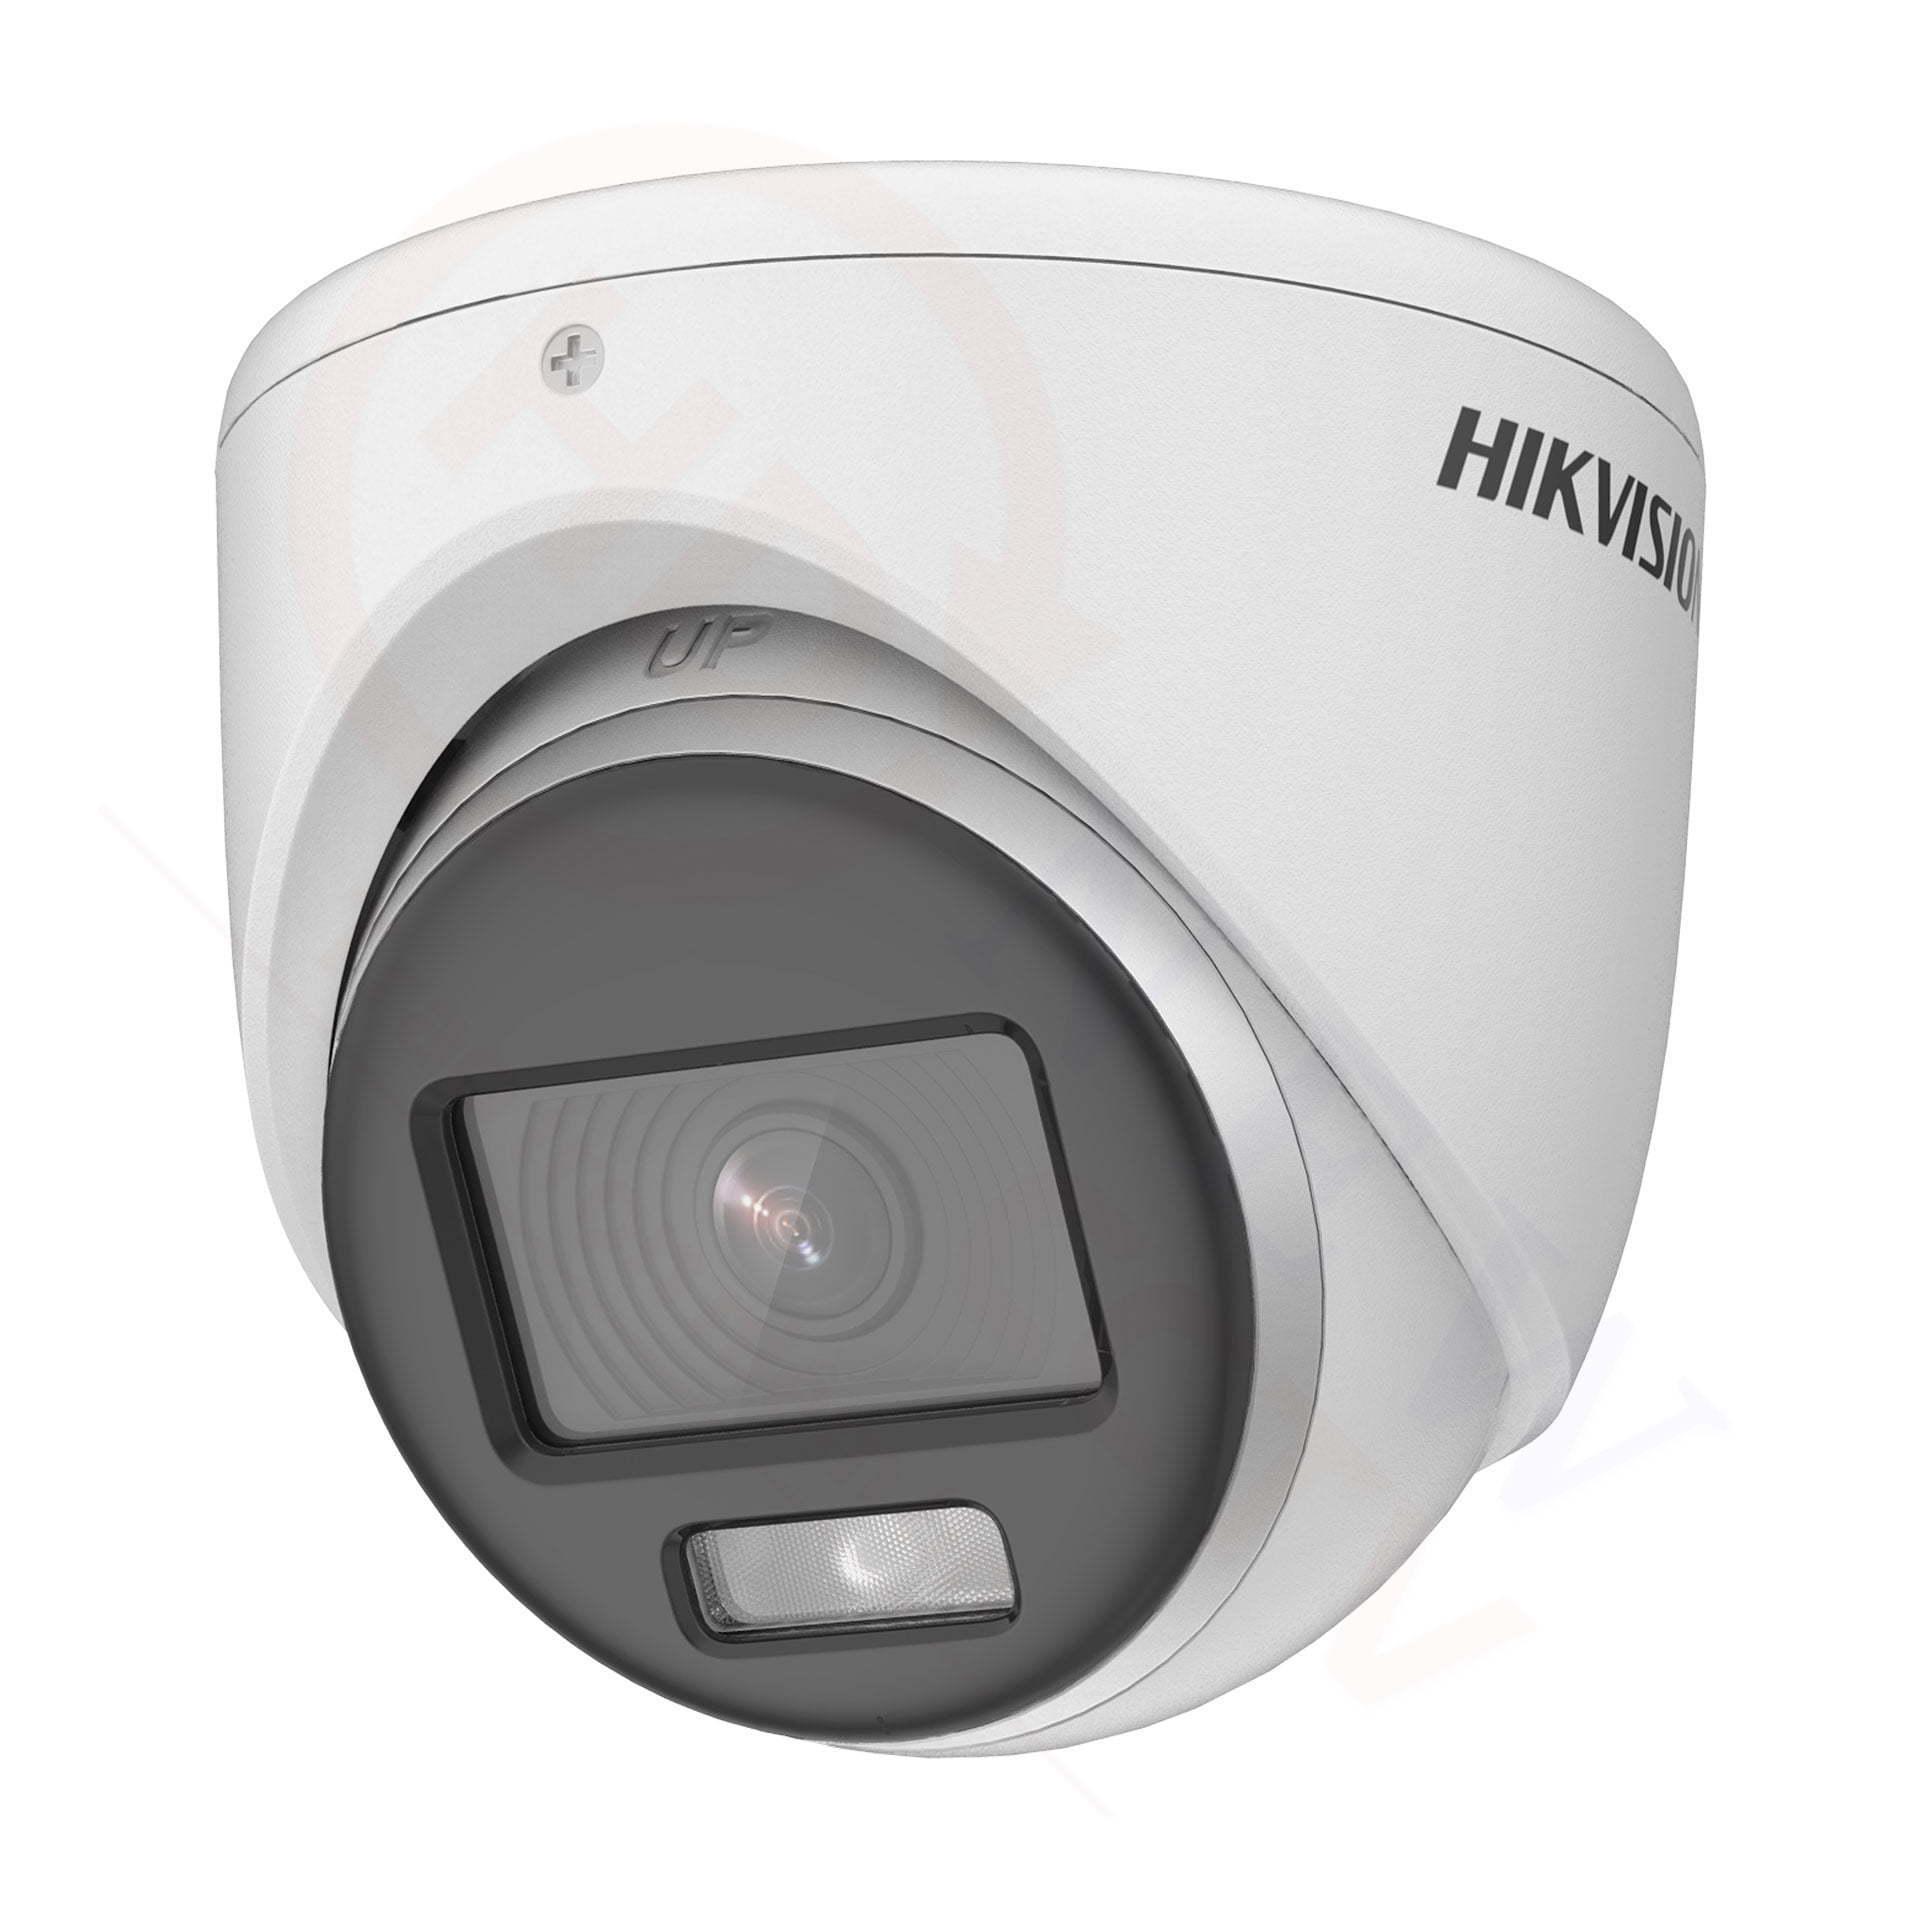 Bộ camera quan sát Hikvision HDTVI 2MP ColorVu, có màu 24/7 (combo siêu tiết kiệm) | HDnew CCTV